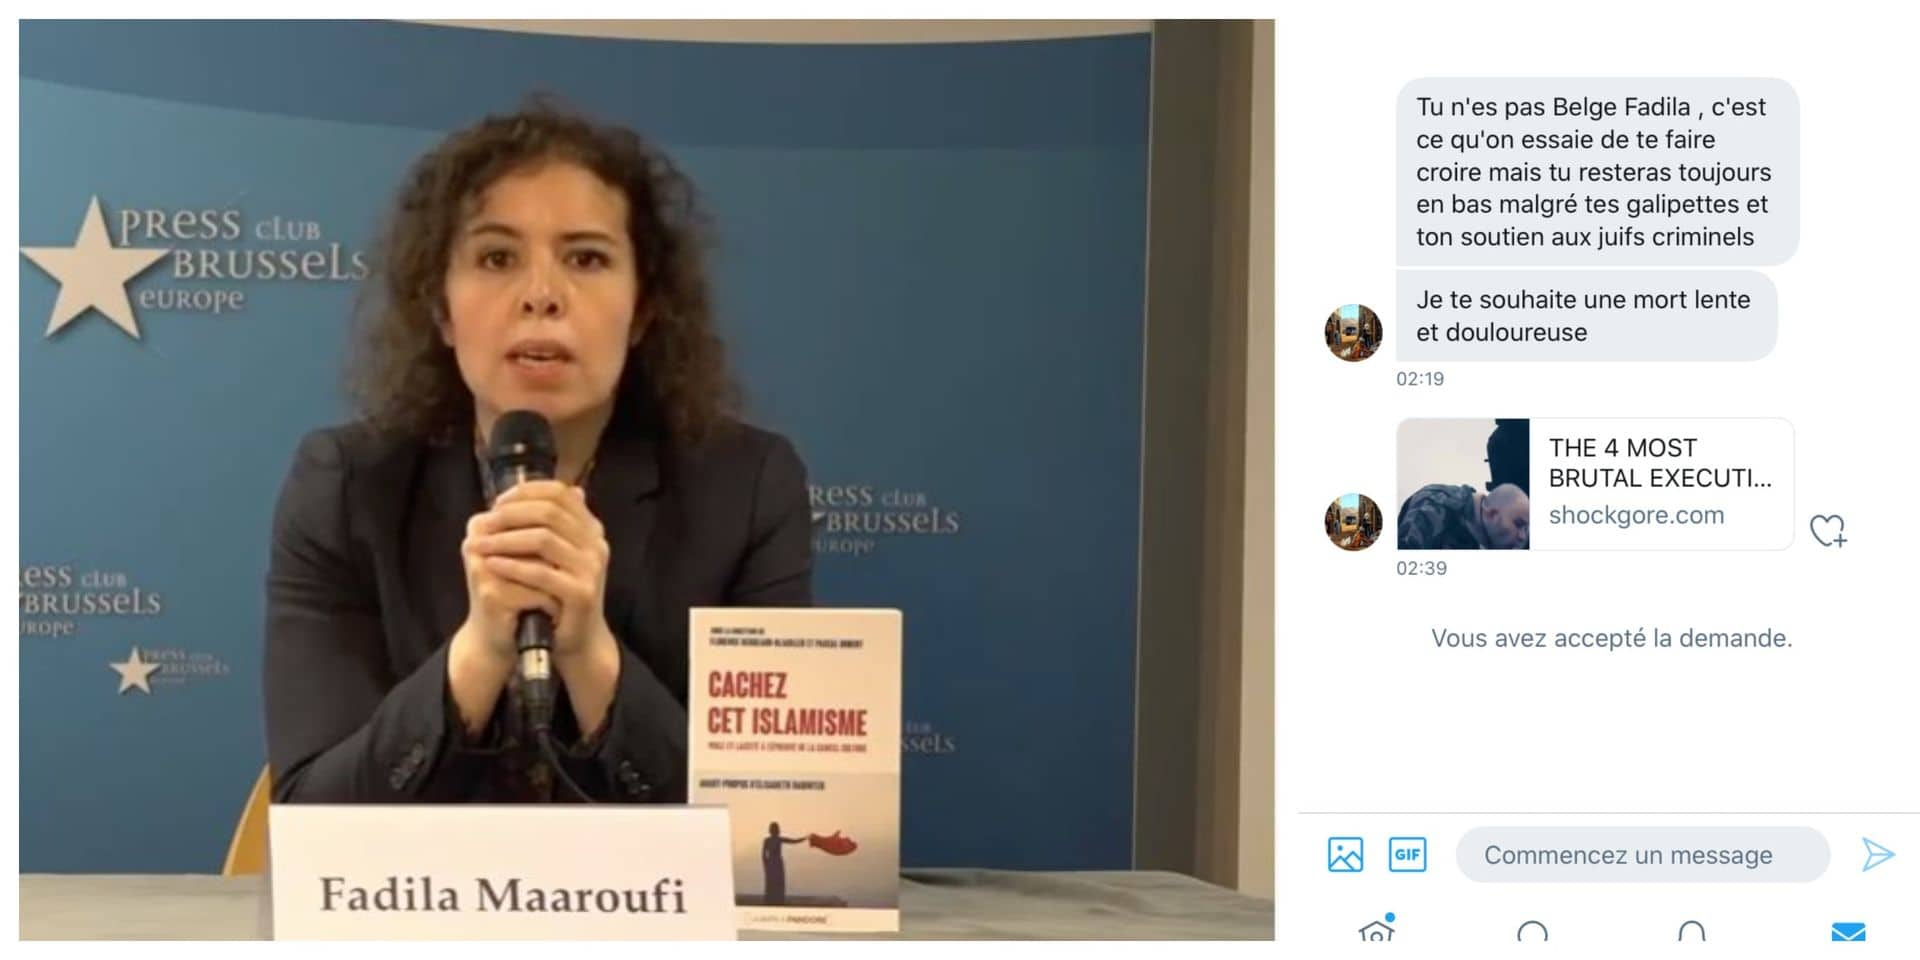 """La directrice de l'Observatoire des fondamentalismes Fadila Maaroufi menacée de mort : """"L'horreur"""""""